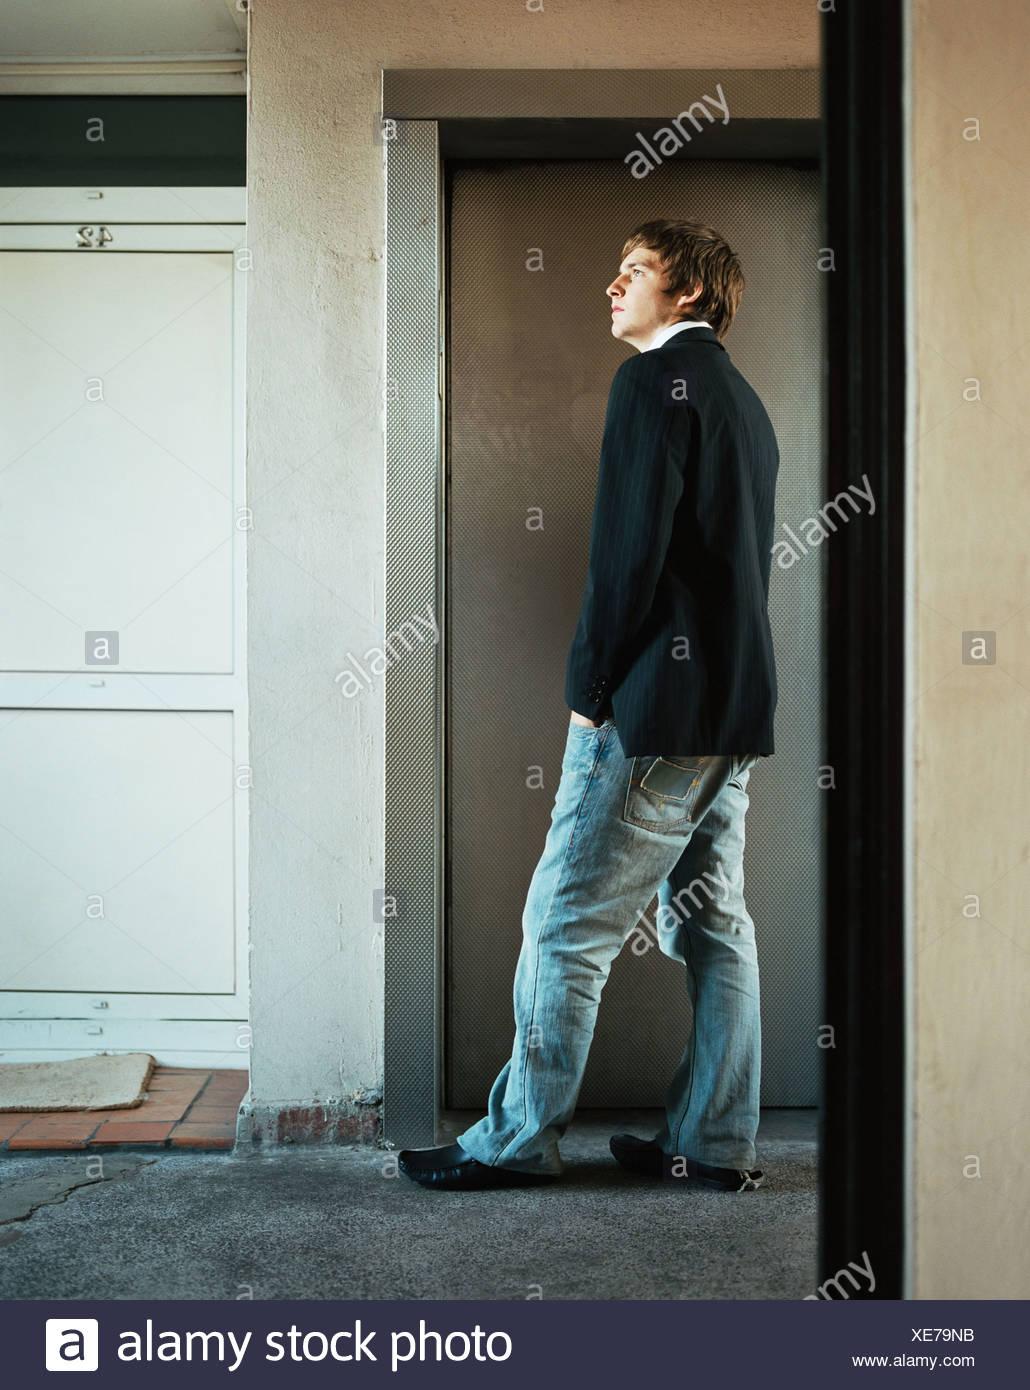 Stylish man waiting for elevator Stock Photo